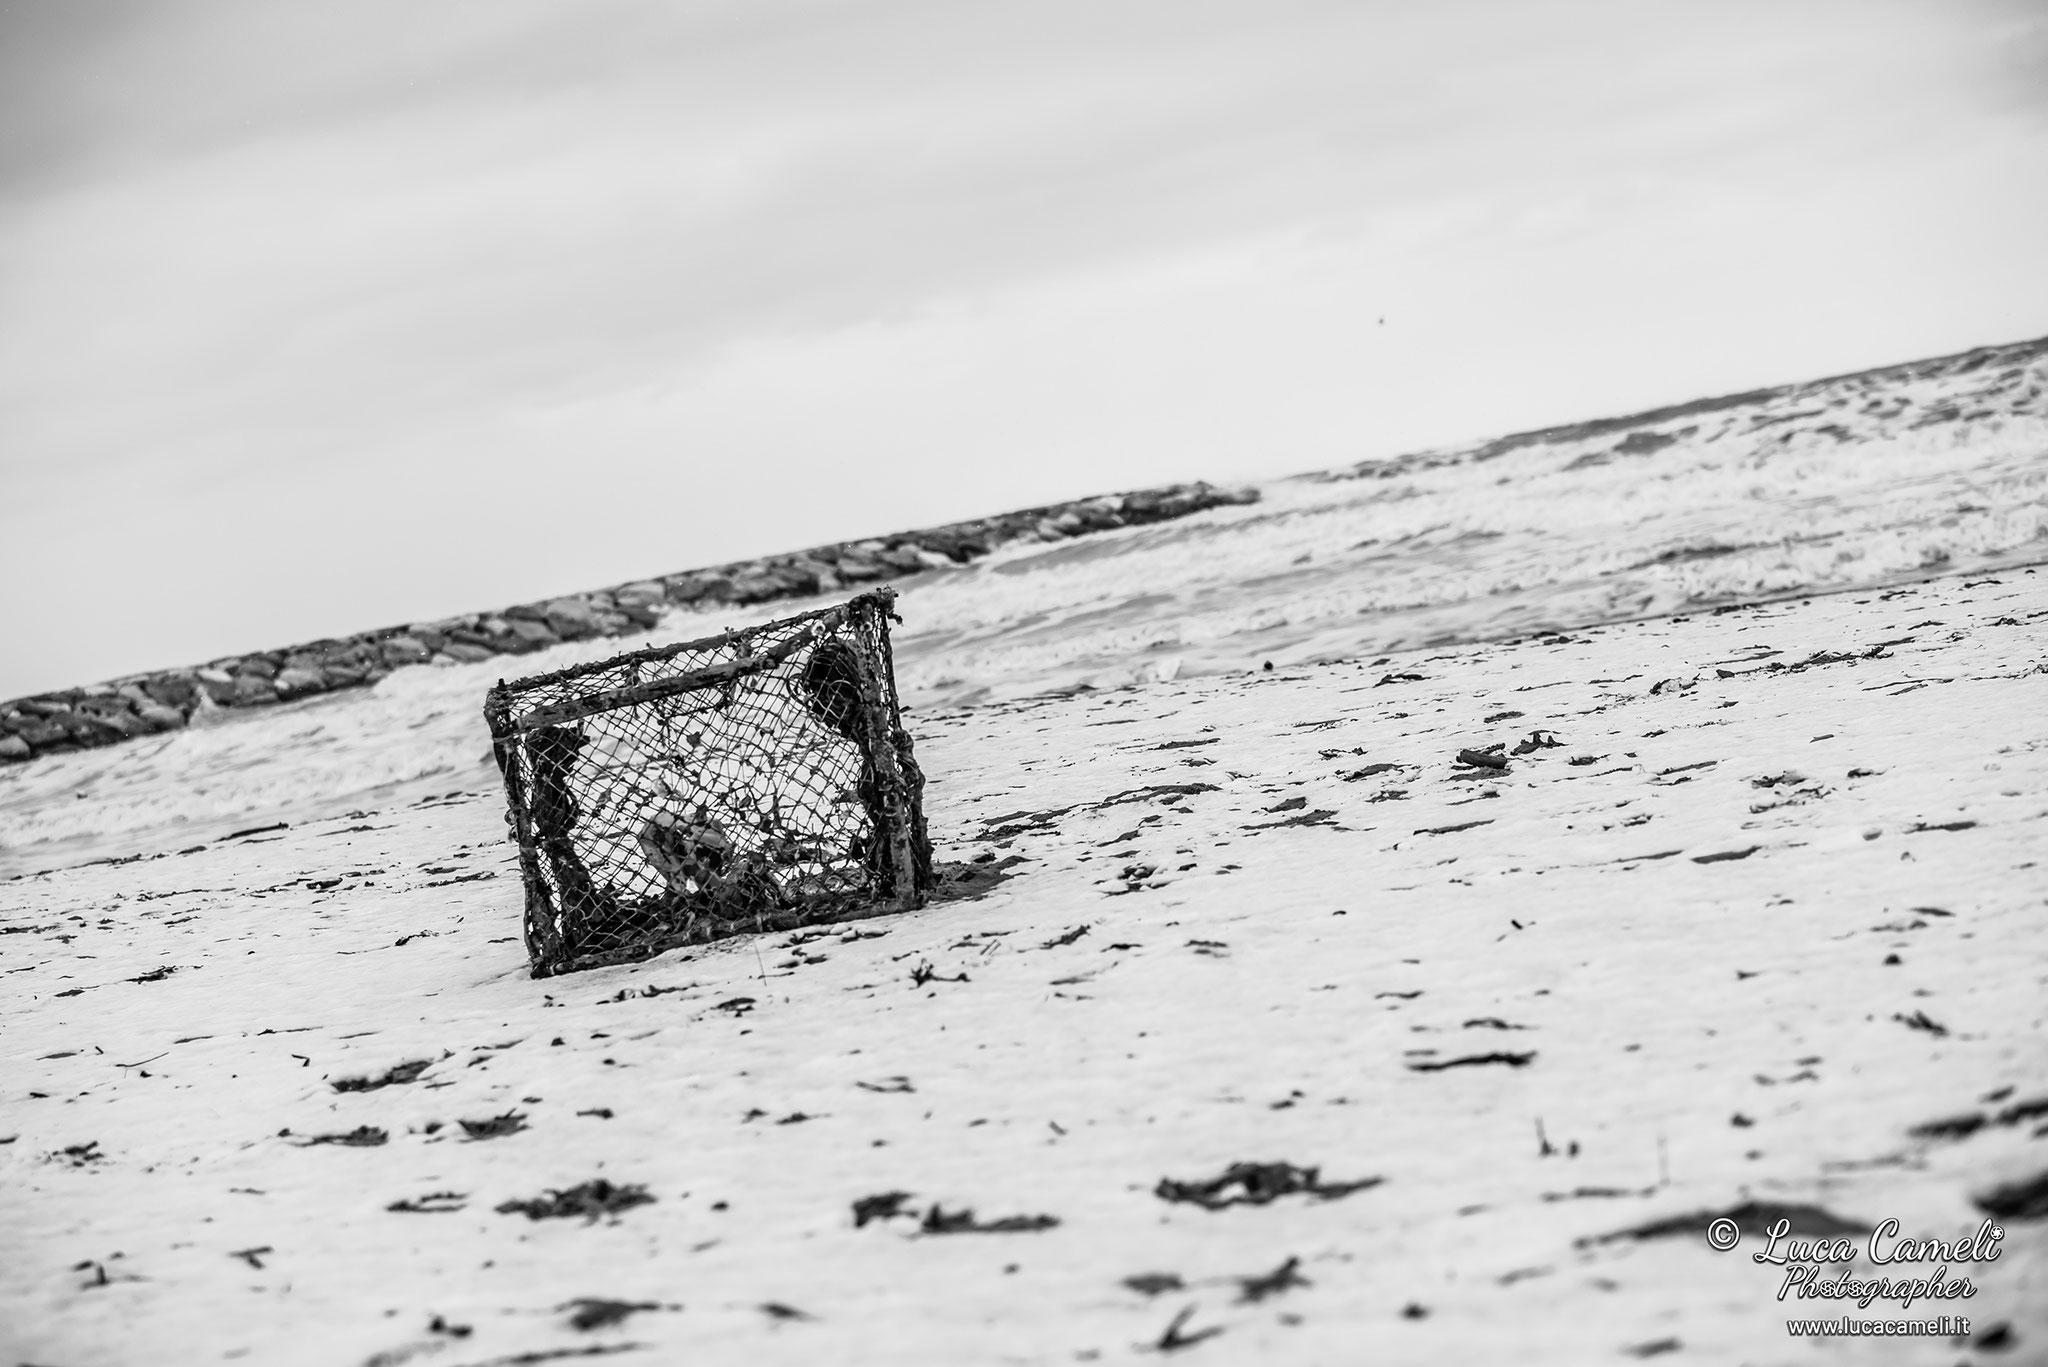 """La Voce Del Mare 2 (San Benedetto del Tronto), concept ispirato dal film """"La leggenda del pianista sull'oceano"""" del maestro Giuseppe Tornatore. © Luca Cameli Photographer"""